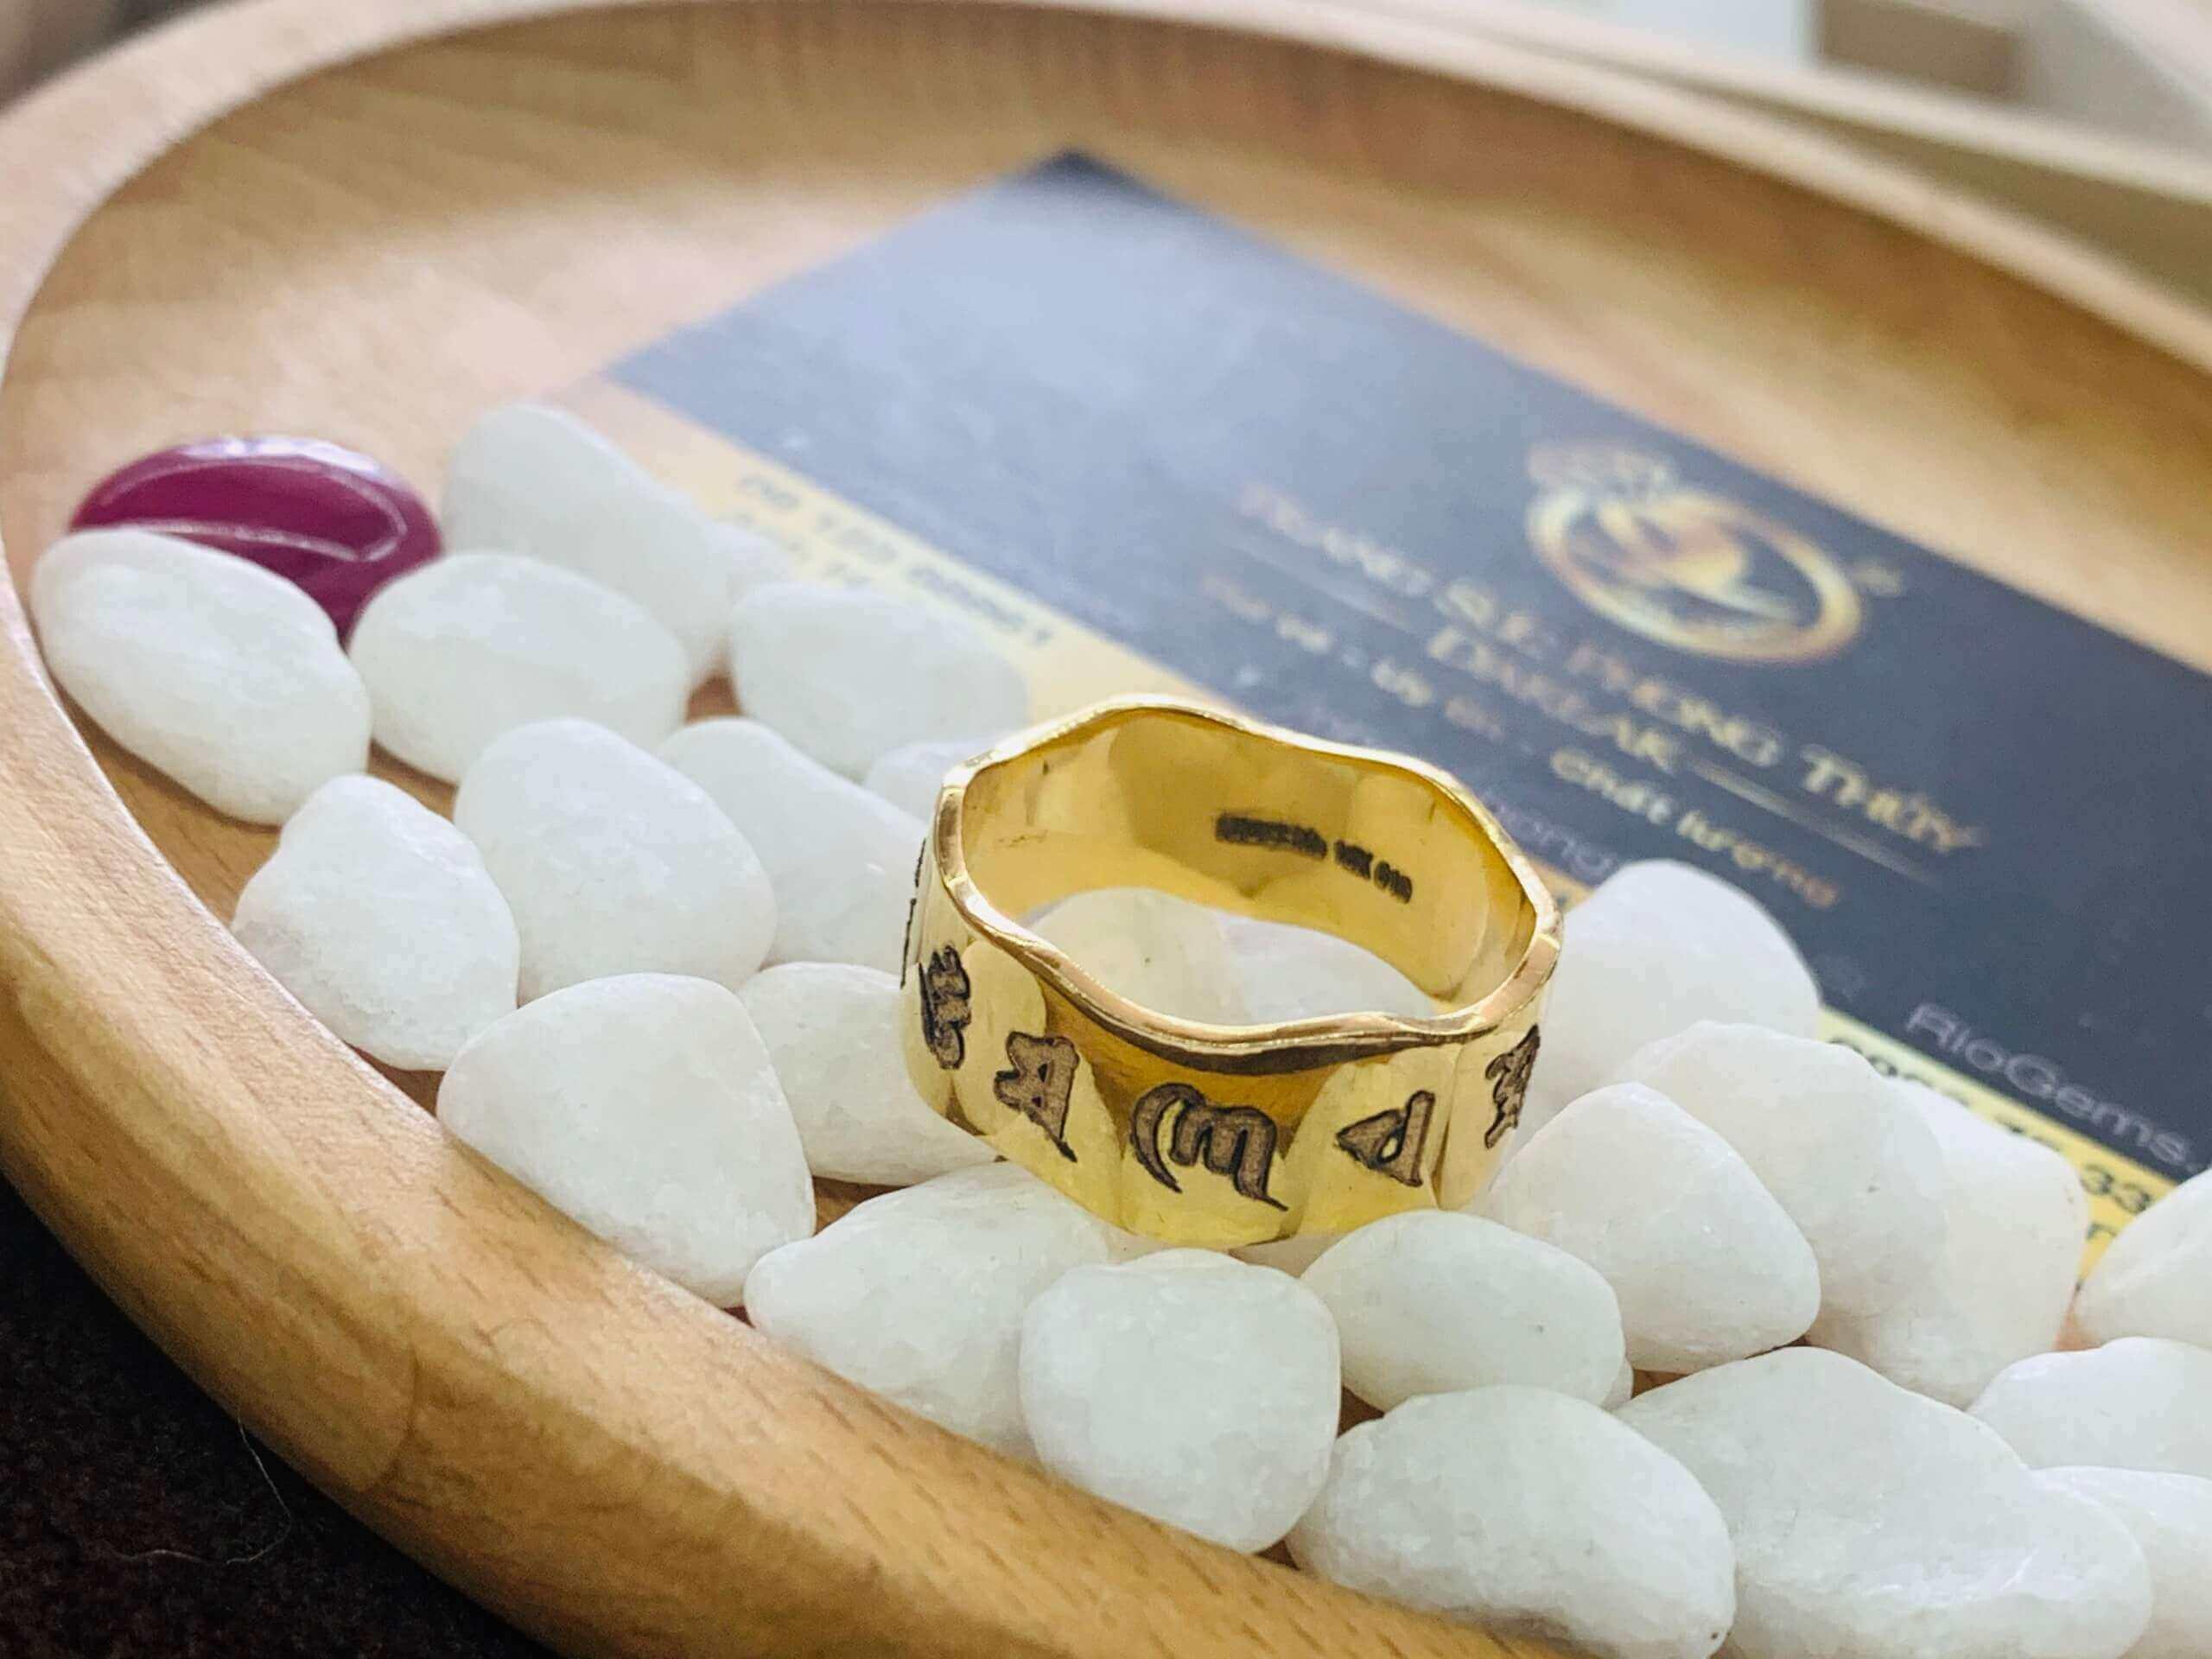 nhẫn Oh Mani Tahi khắc giúp thân thể khỏe mạnh